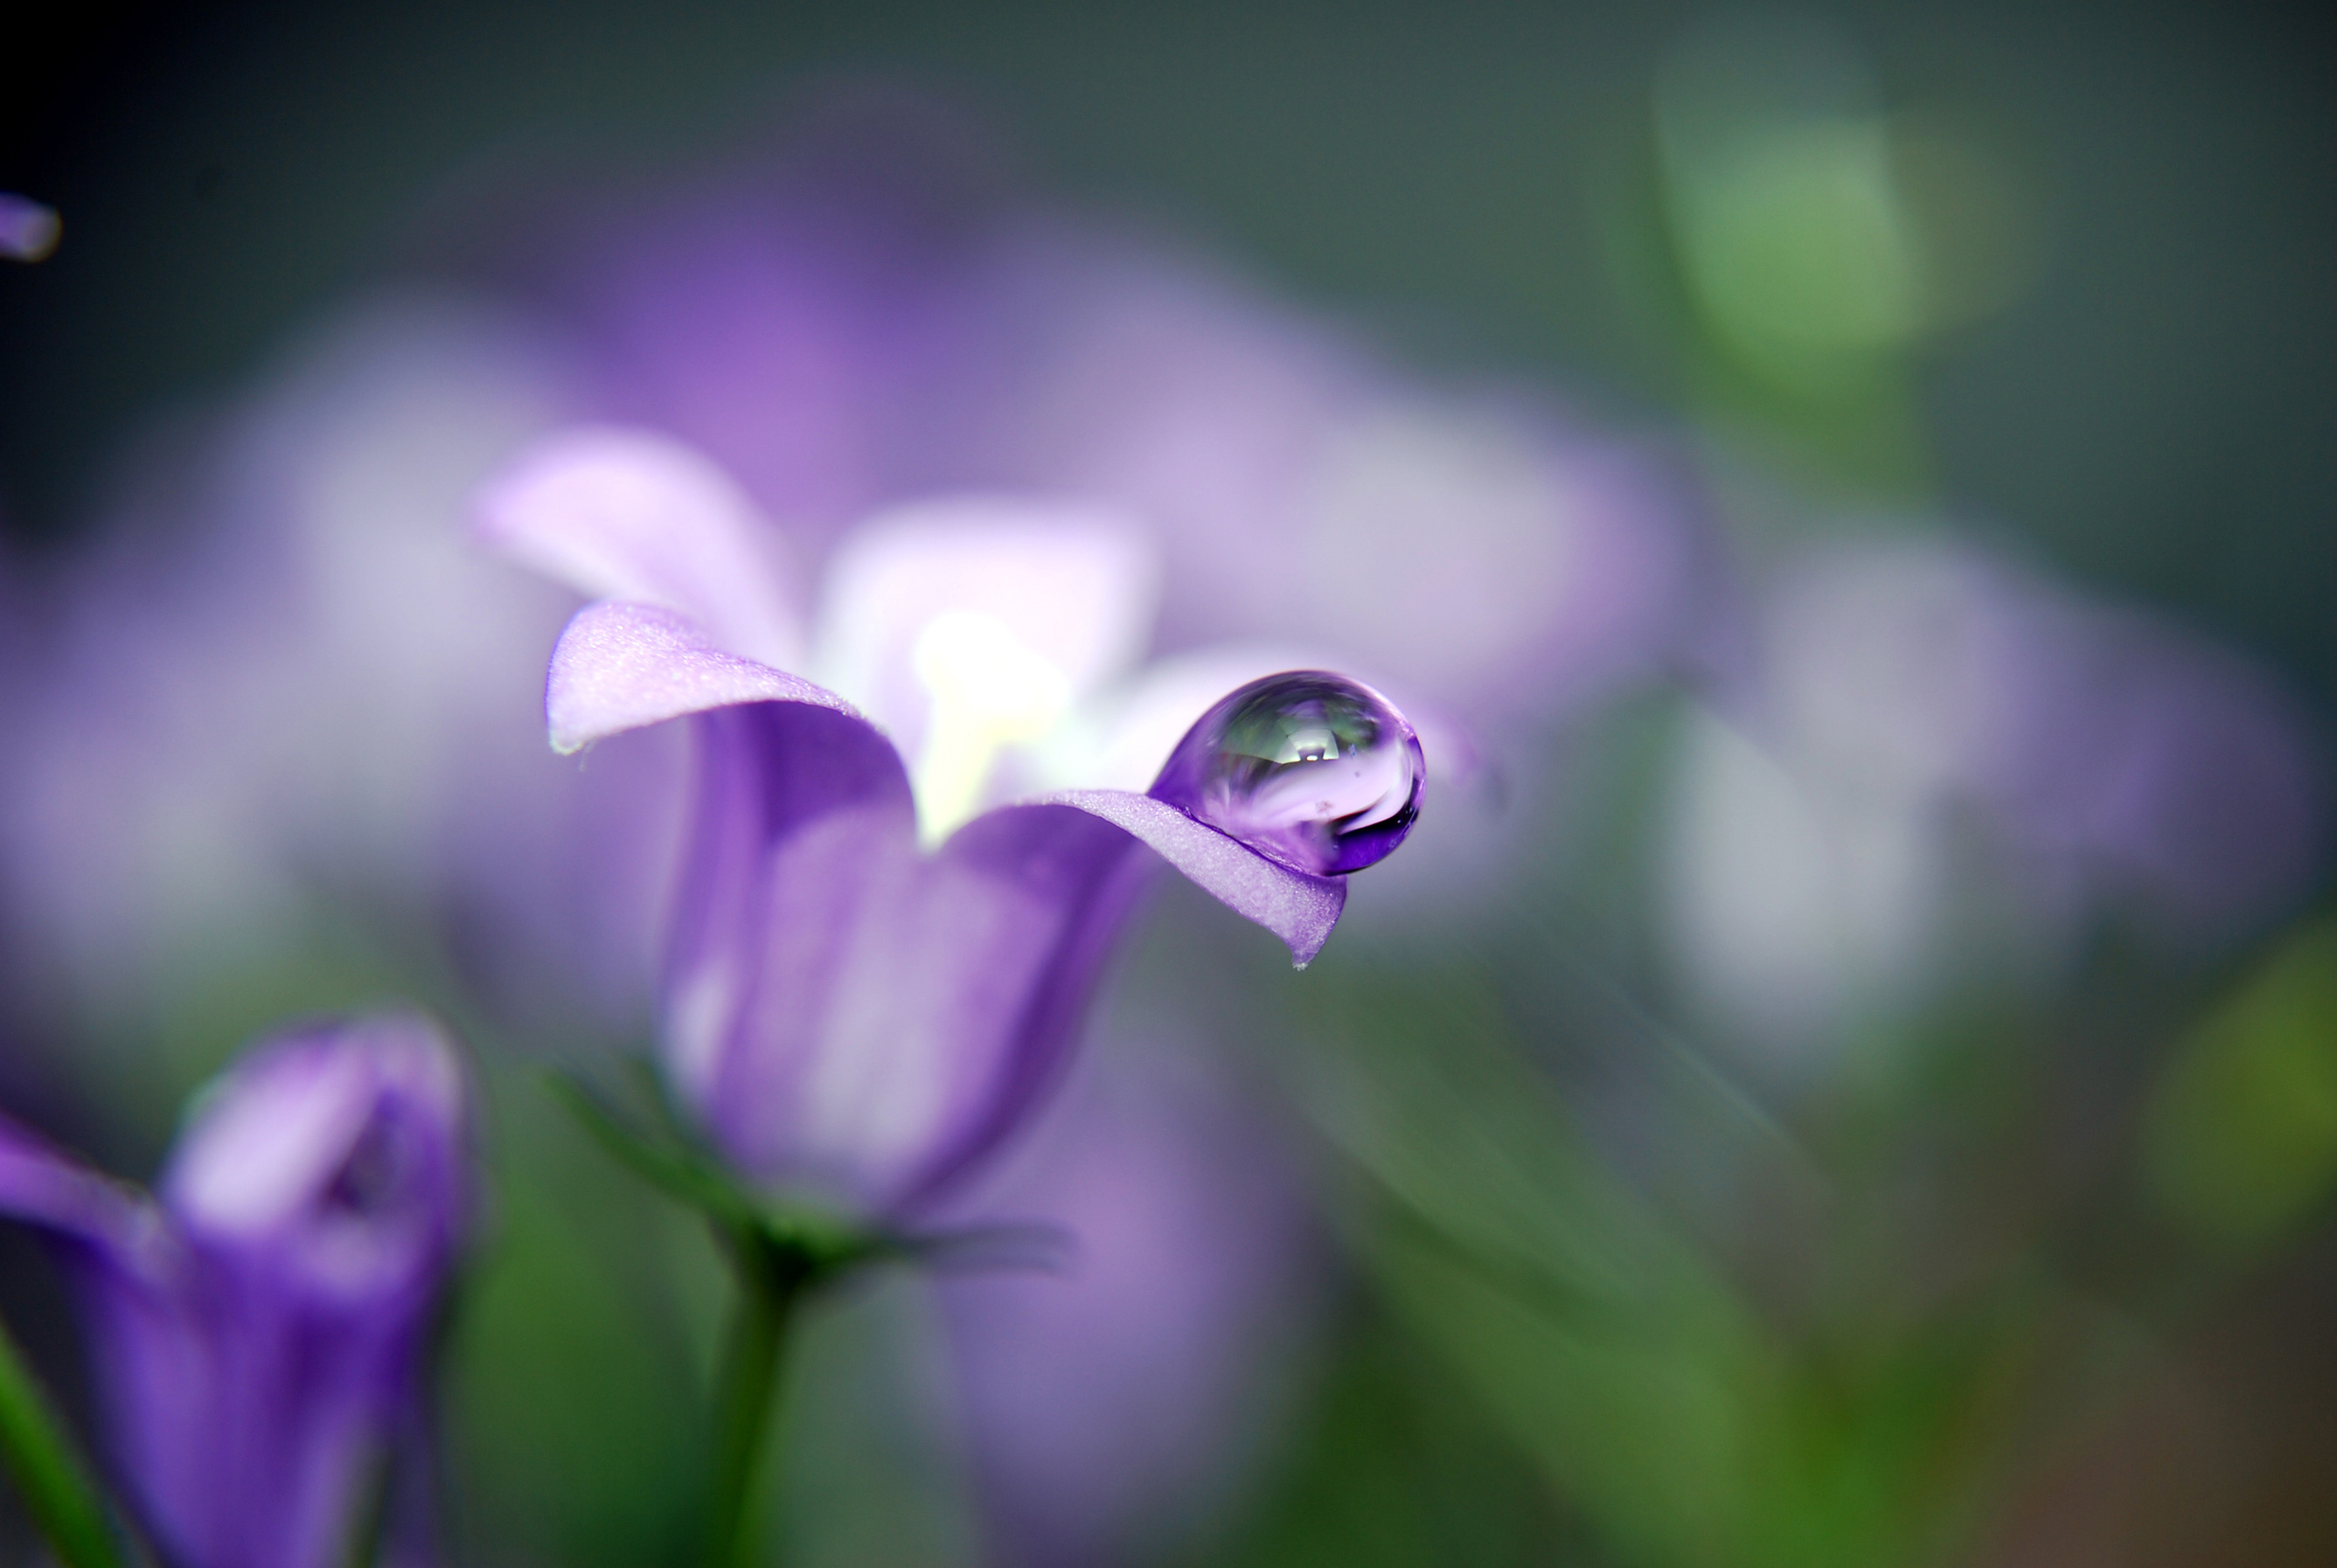 цветы макро капля бесплатно